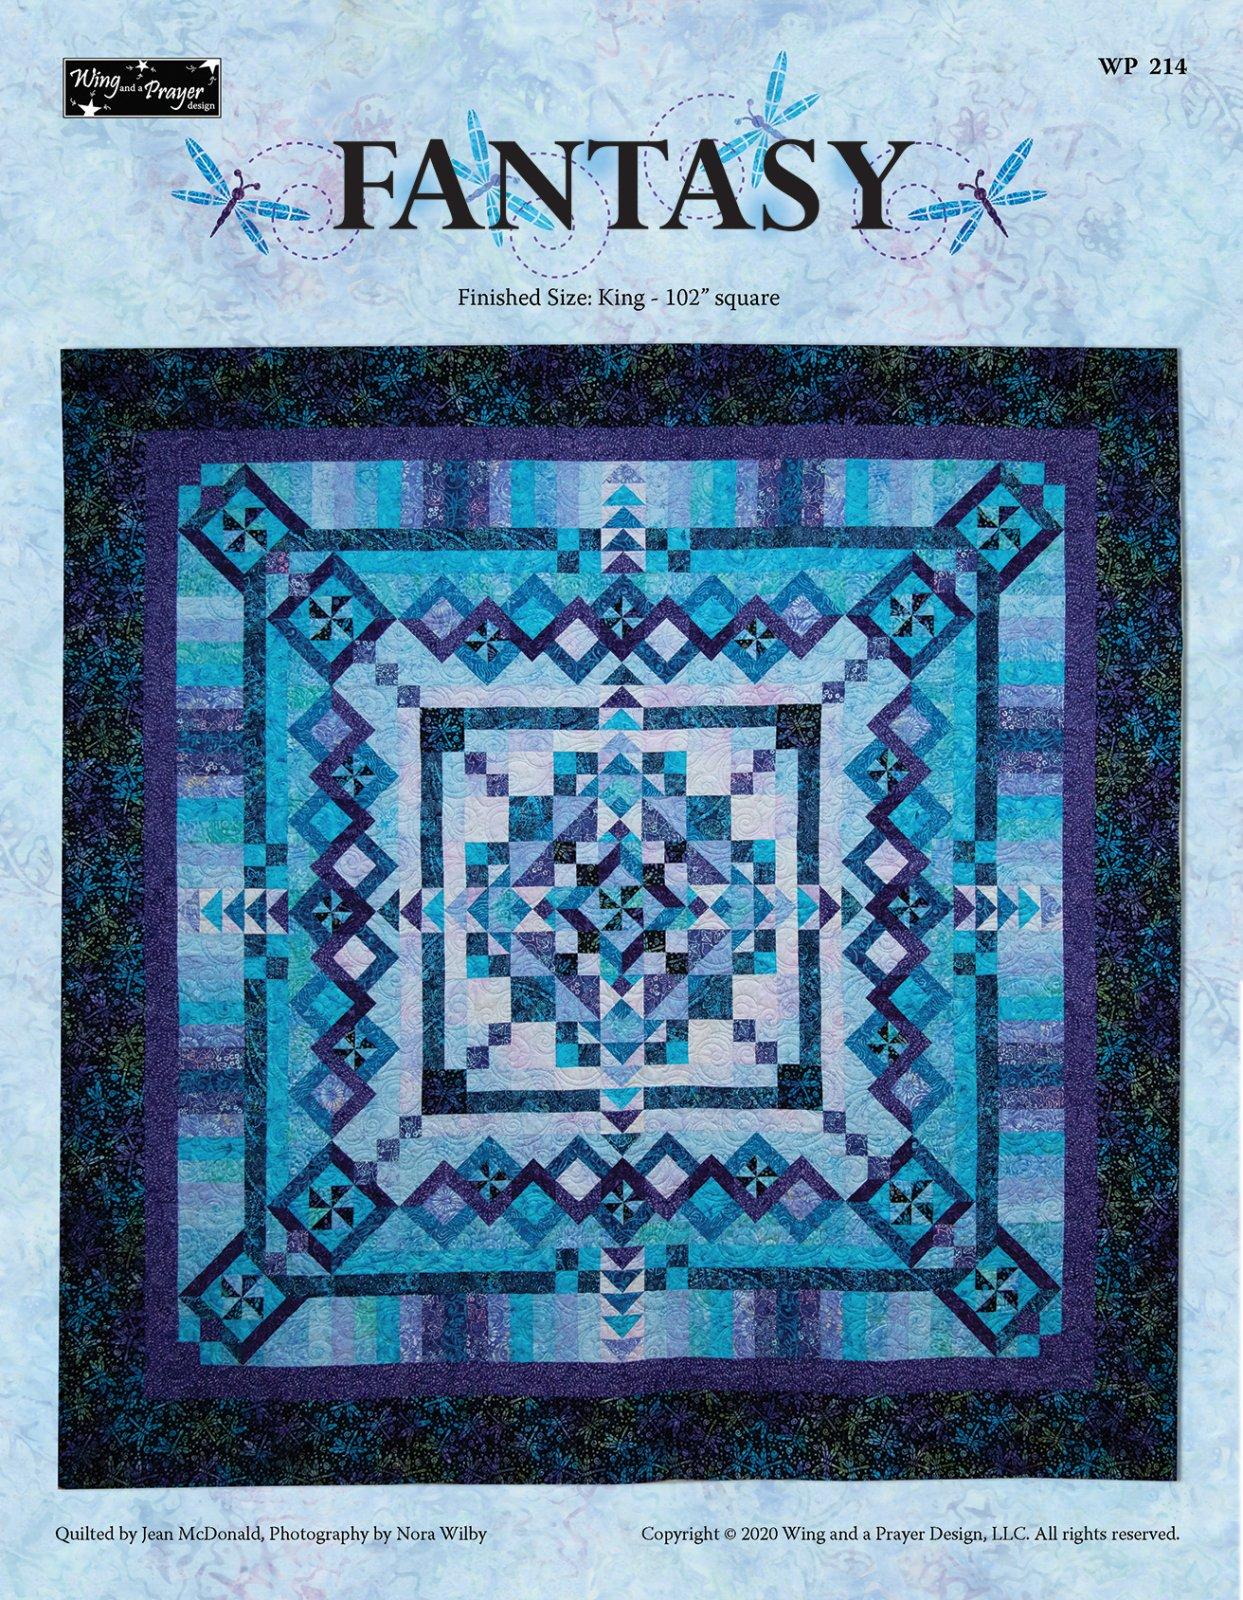 Fantasy BOM - $10 deposit to sign up